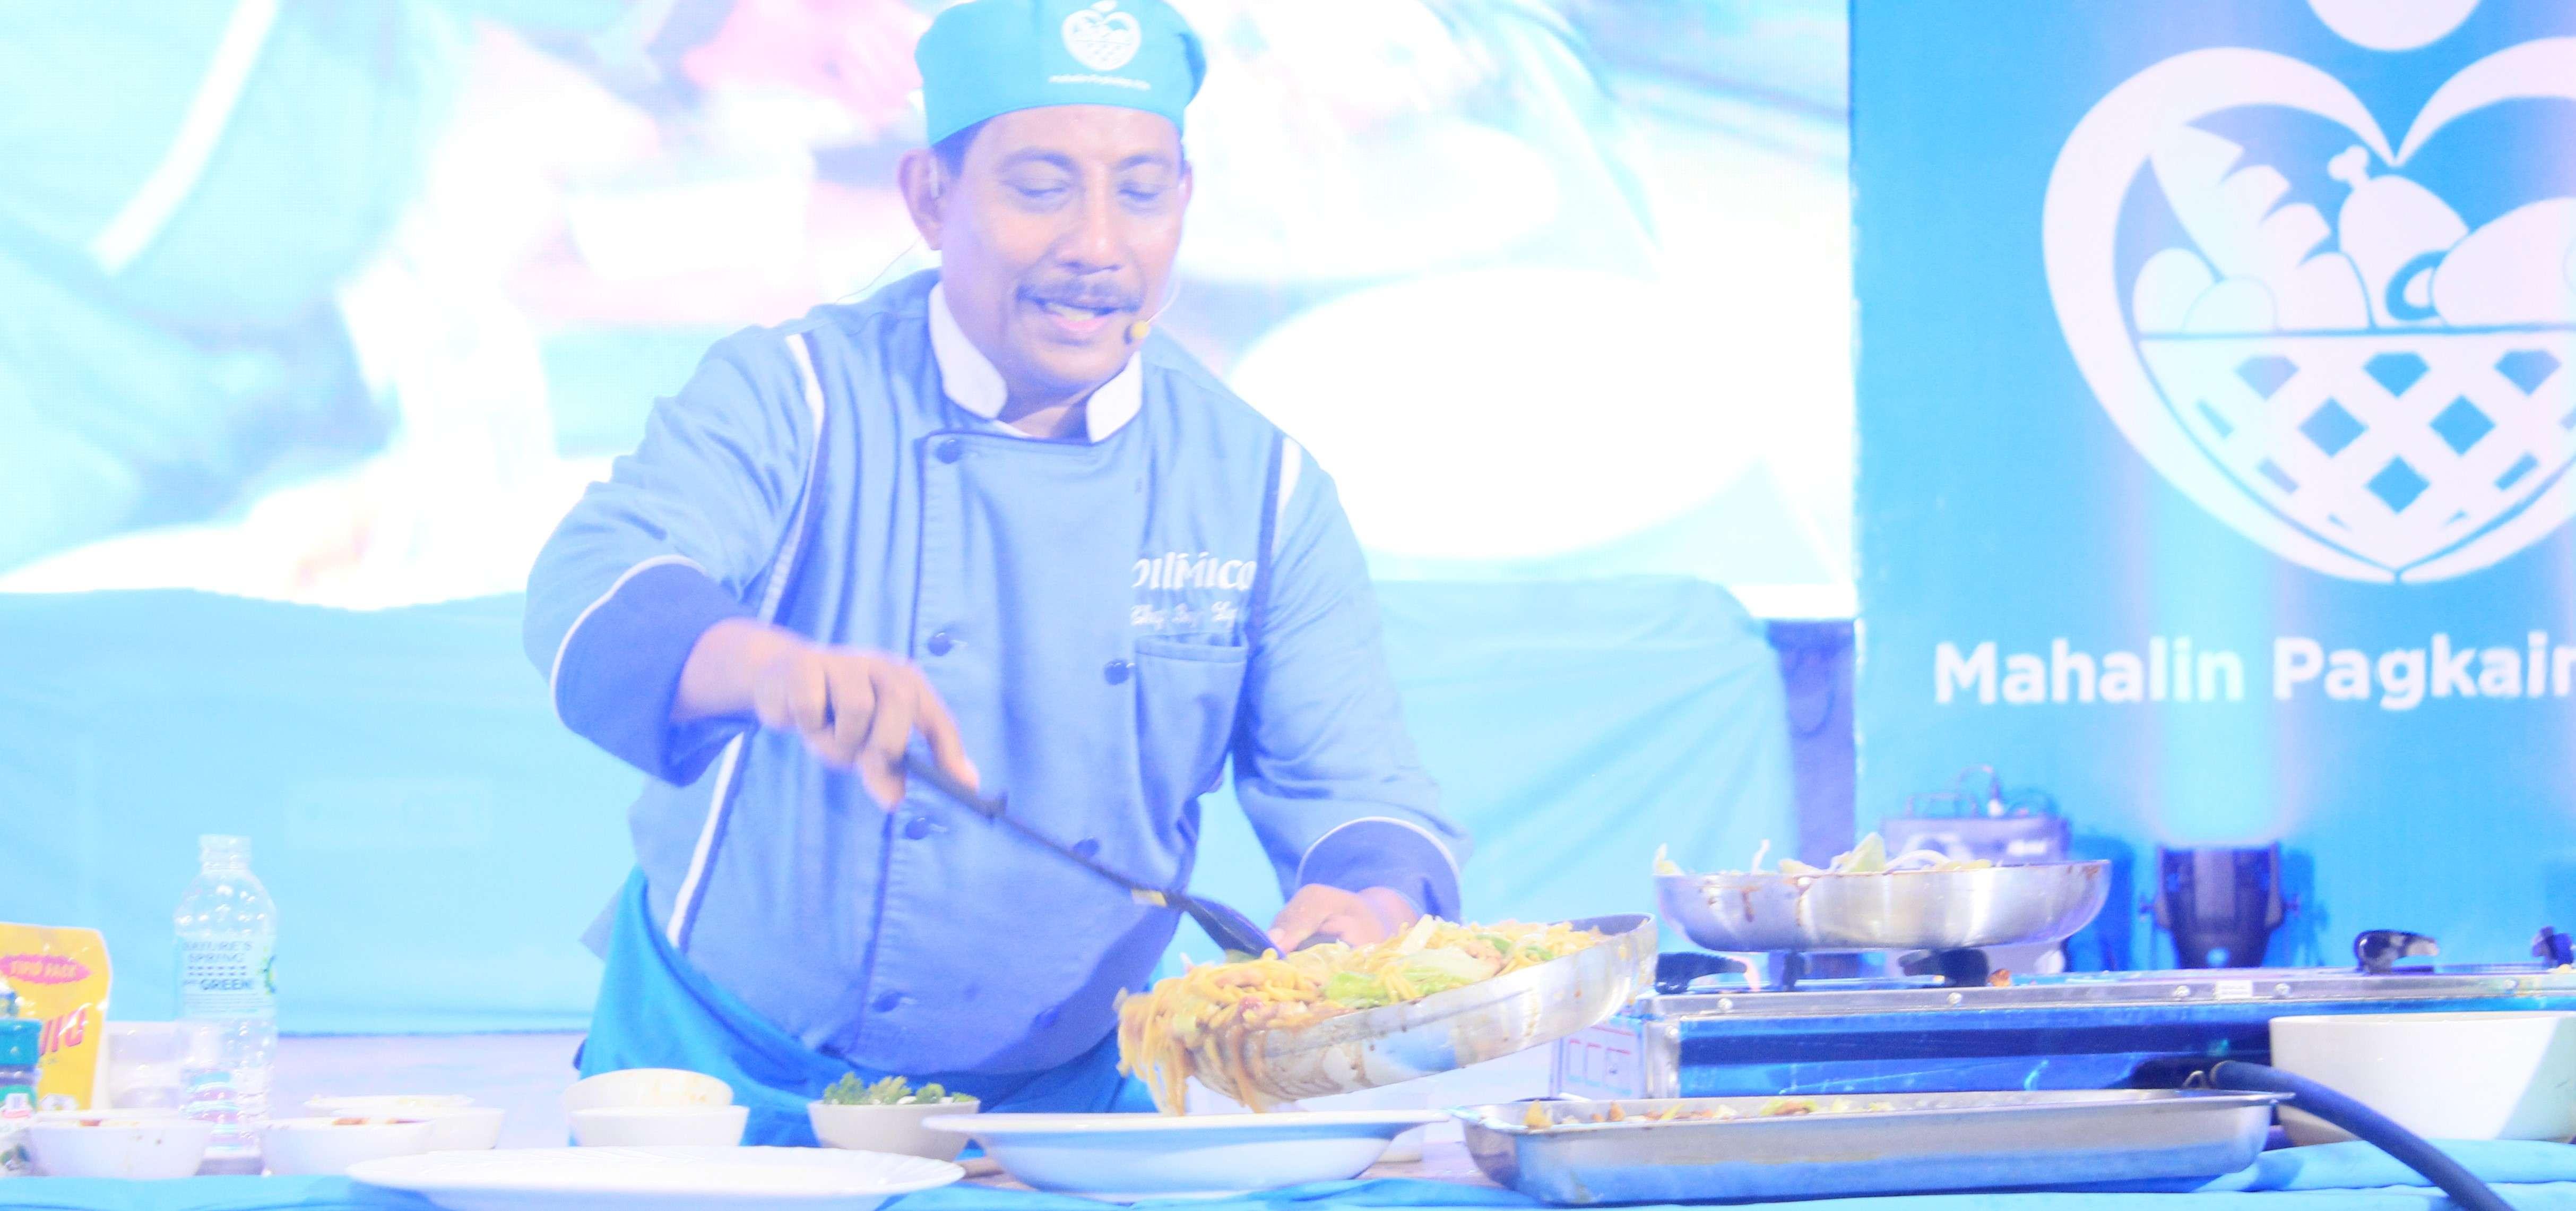 Cooking demo by Mahalin Pagkaing Atin Ambassador, Chef Boy Logro